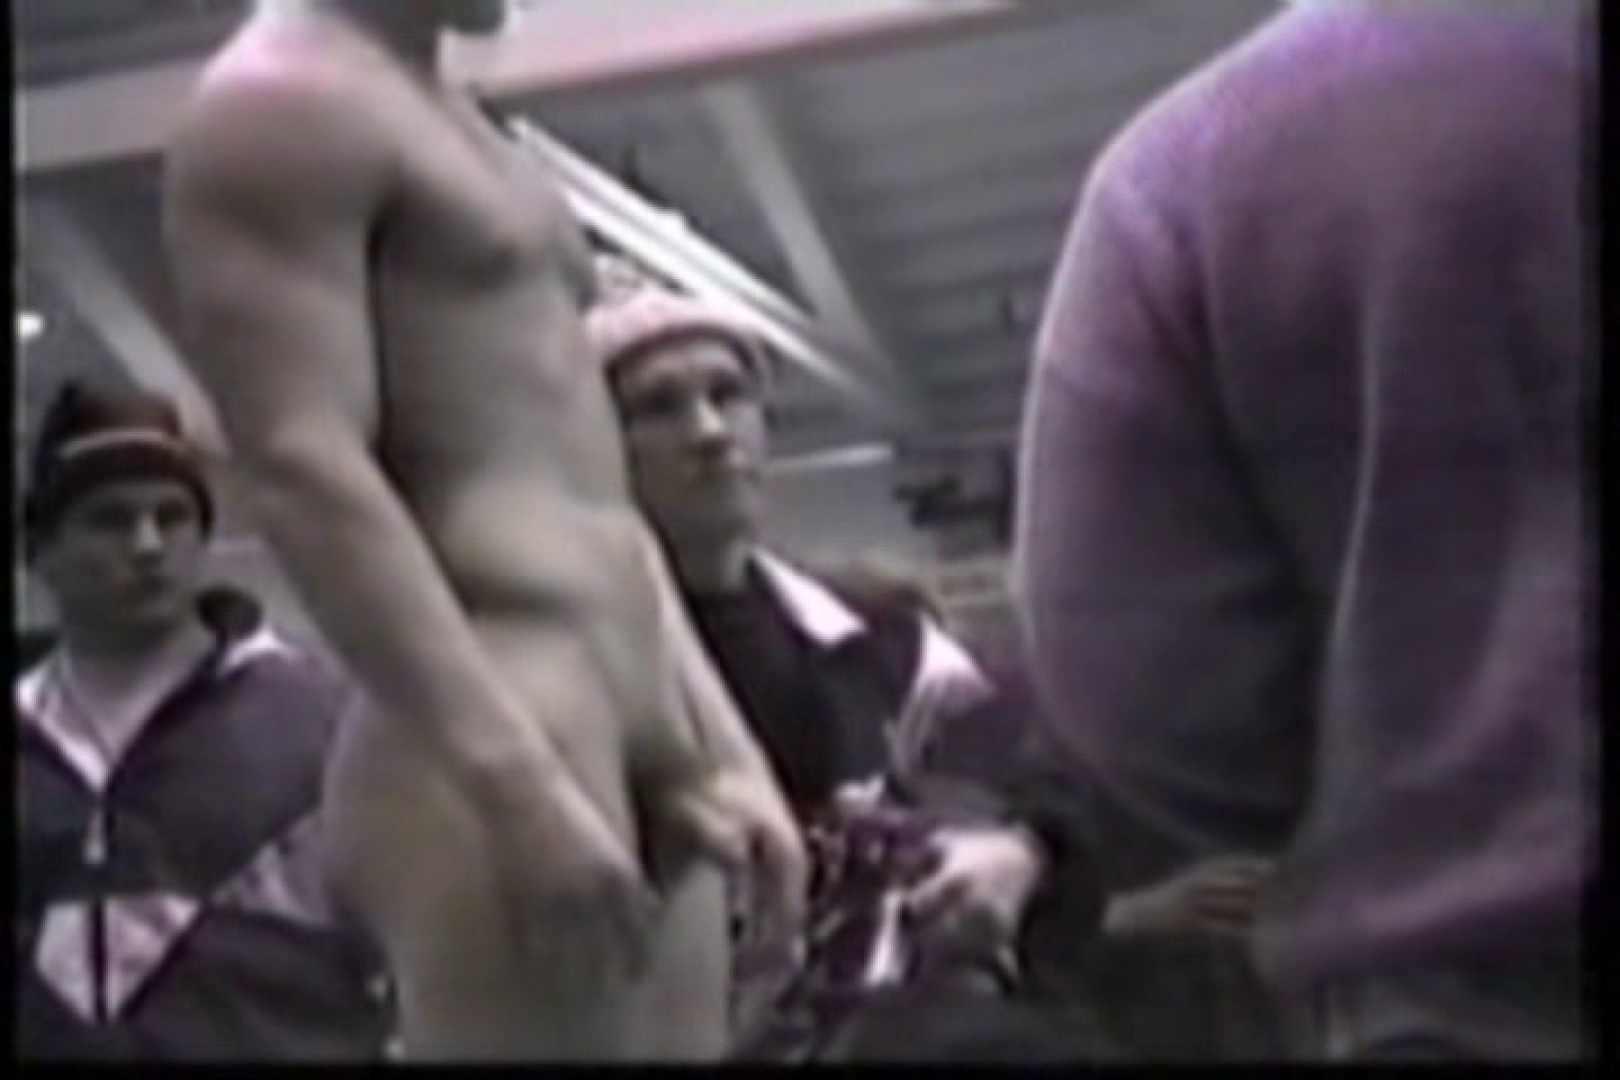 洋人さんの脱衣所を覗いてみました。VOL.8 ガチムチマッチョ系男子 | 覗きシーン  62枚 53